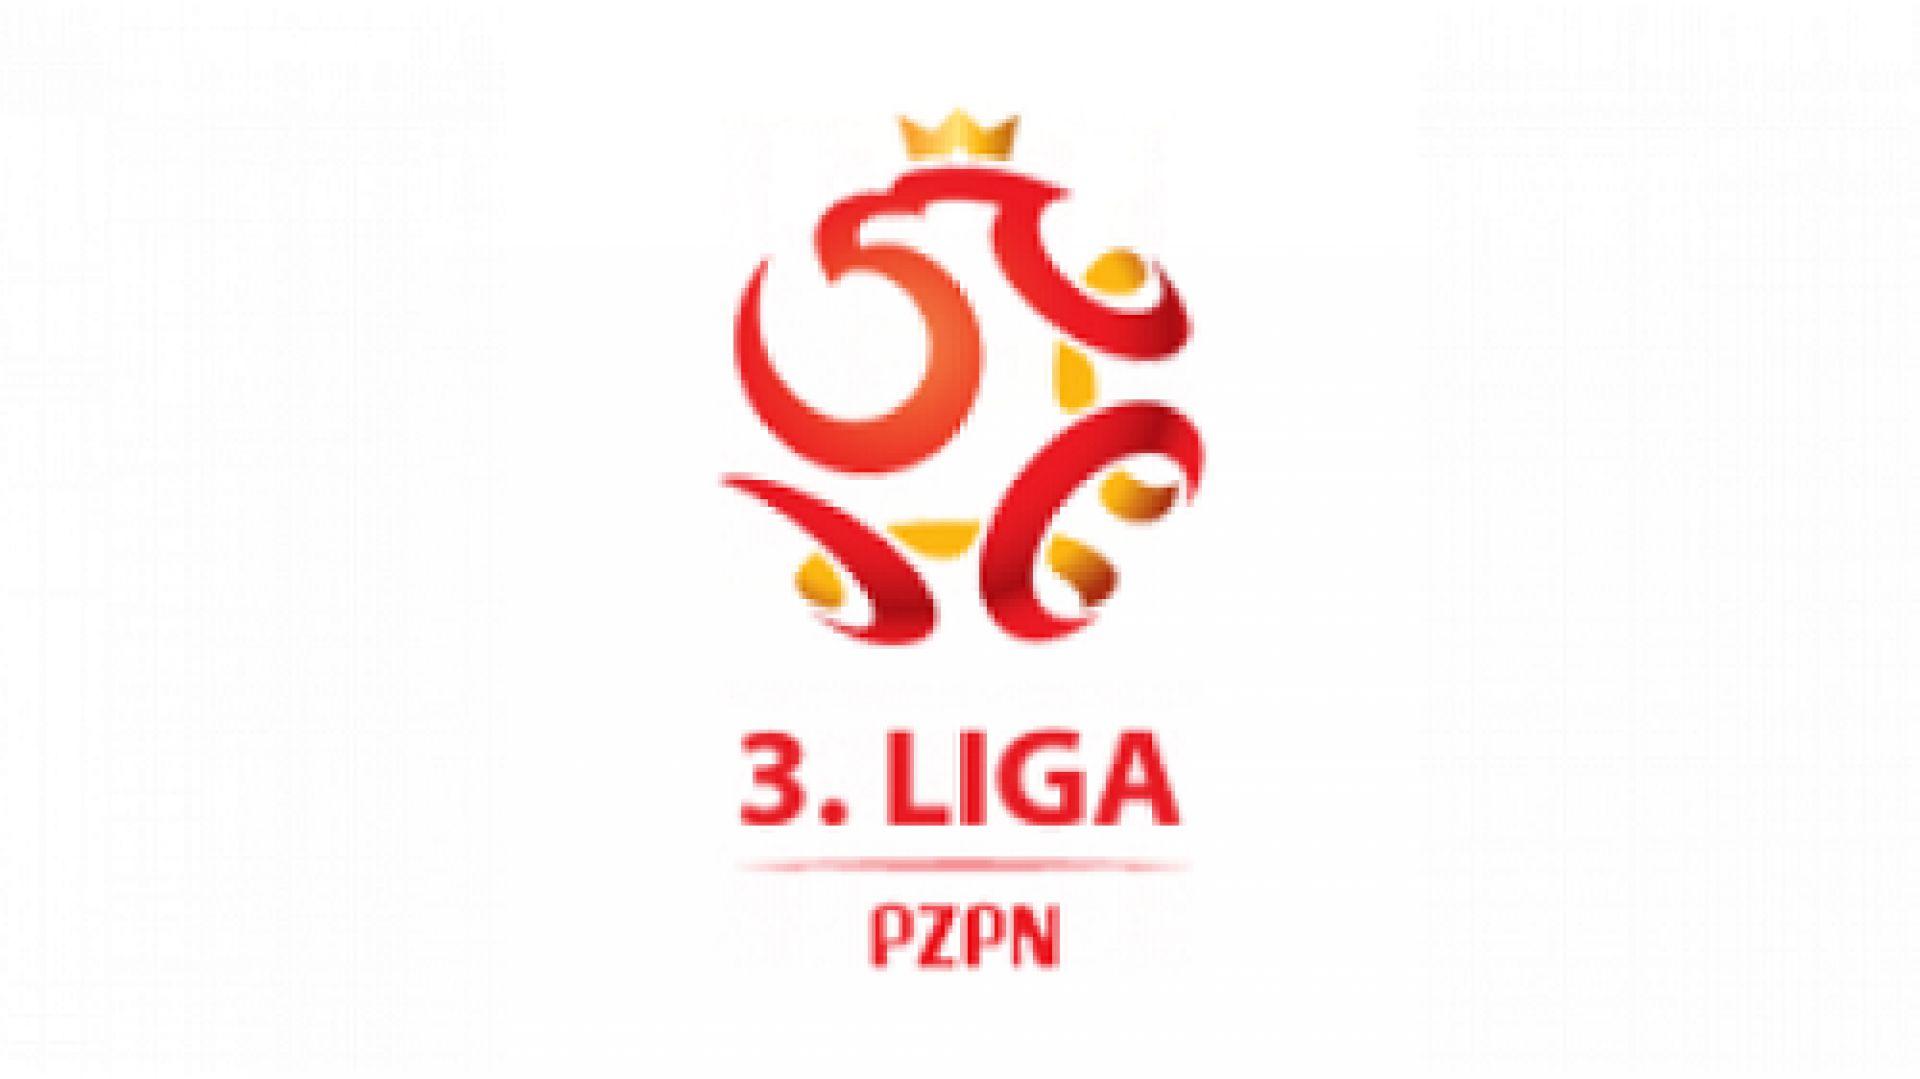 3. liga.de